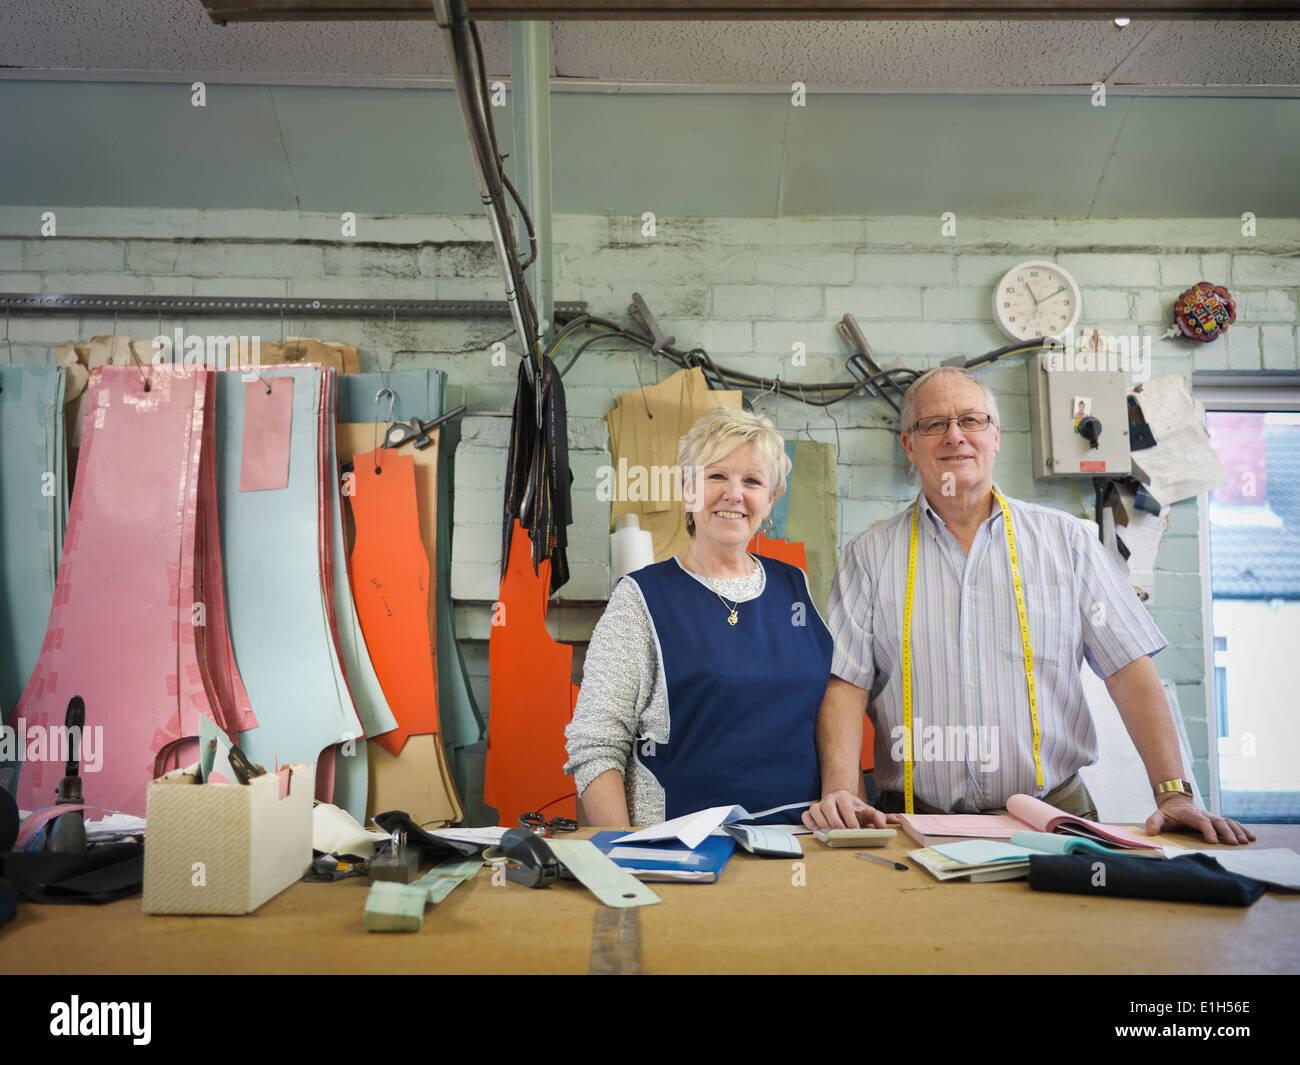 Mari et femme propriétaire d'usine de confection, portrait Photo Stock